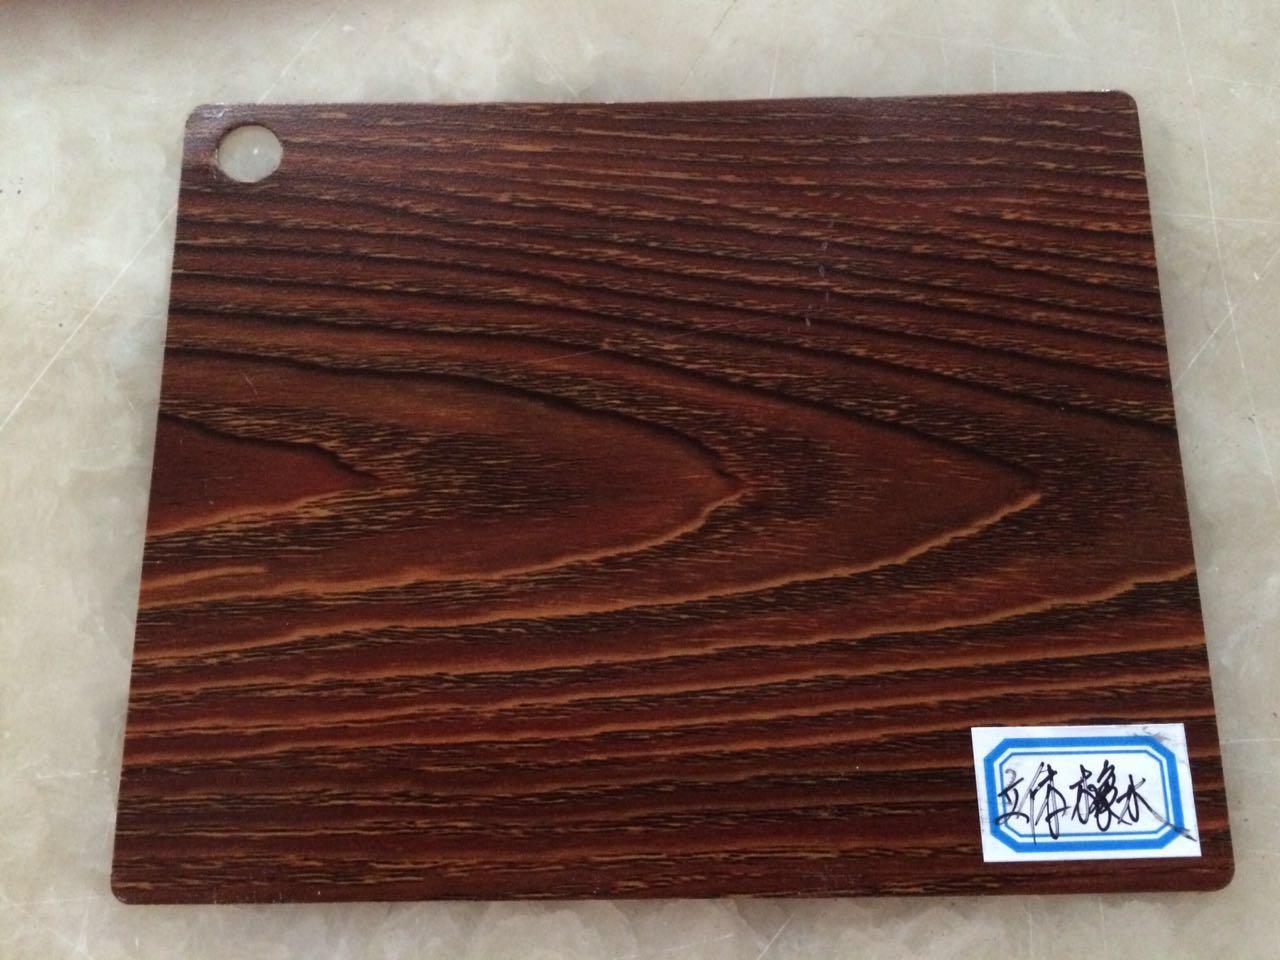 201/304不锈钢转印板:檀木,红酸枝,西柚木,红枫木 201/304不锈钢转印板,